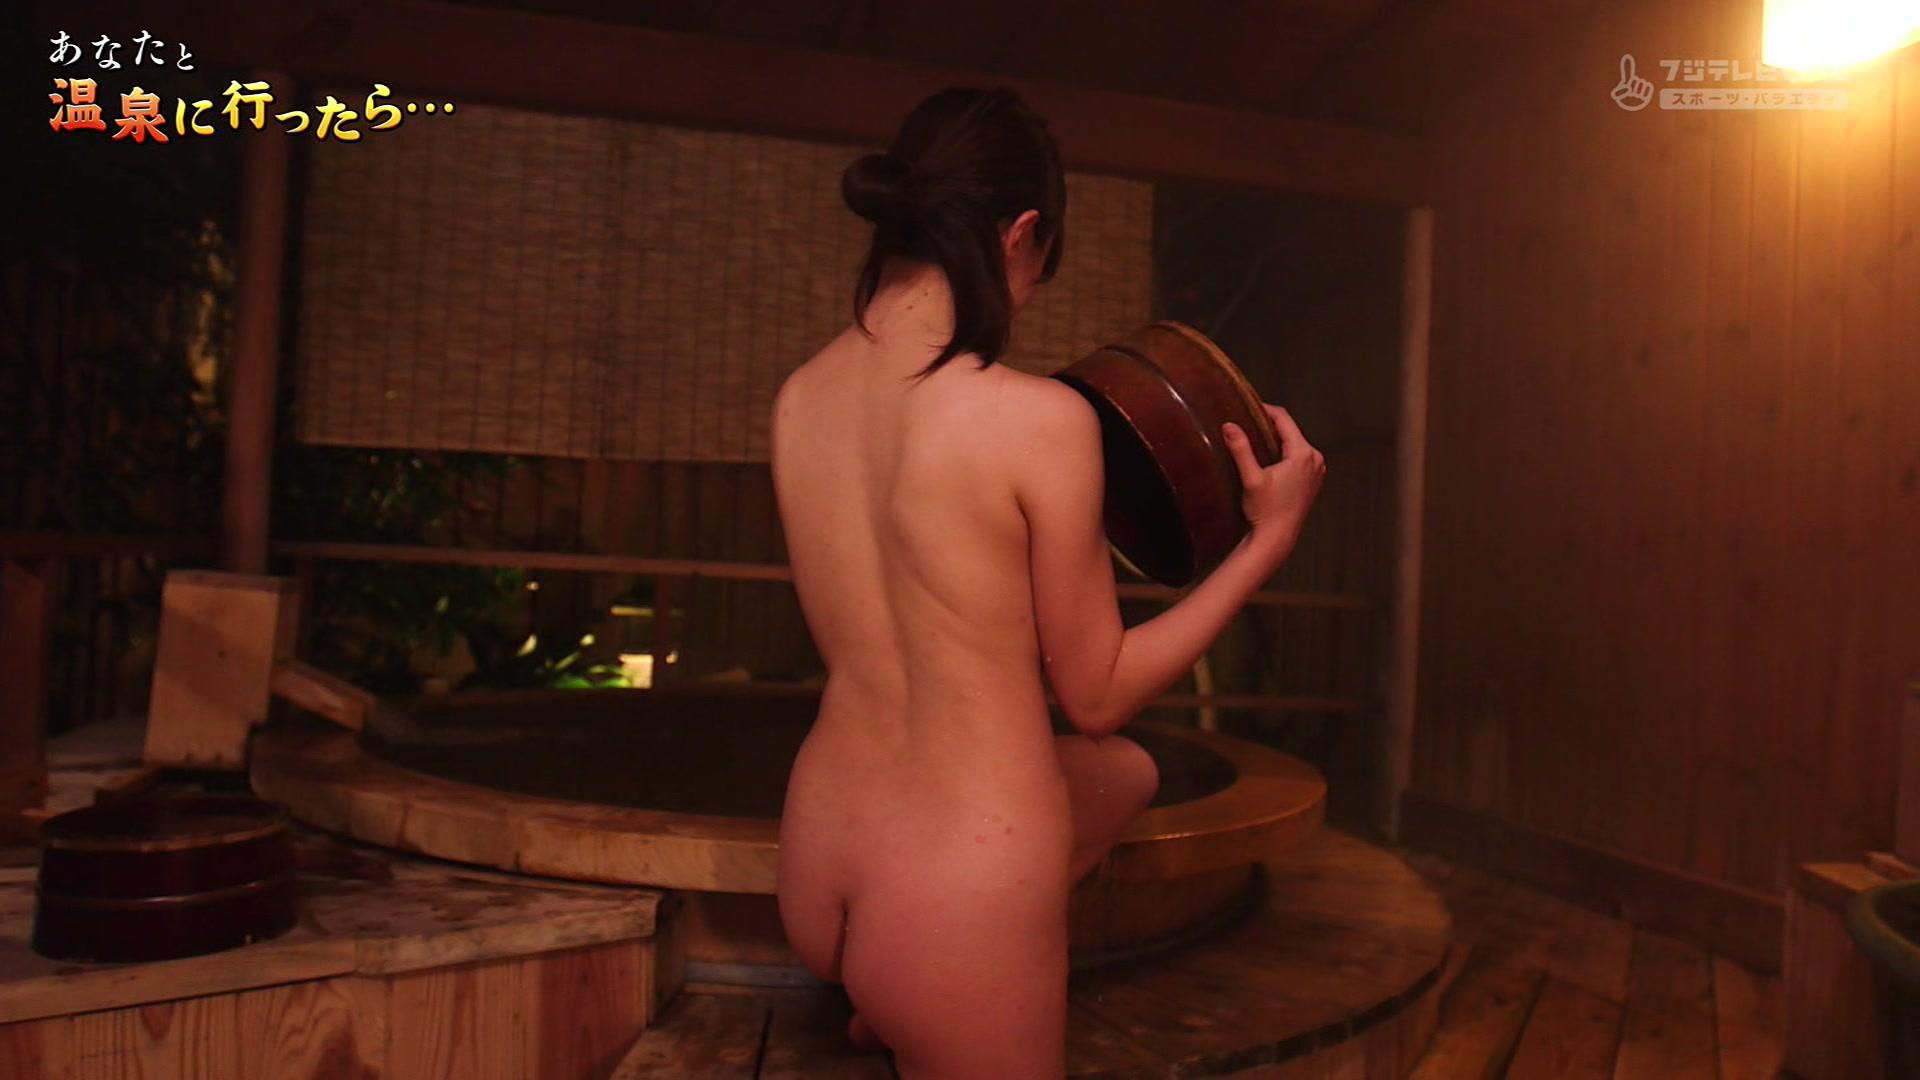 CSフジテレビONEで放送された「あなたと温泉に行ったら…」♯4のテレビキャプチャー画像-042